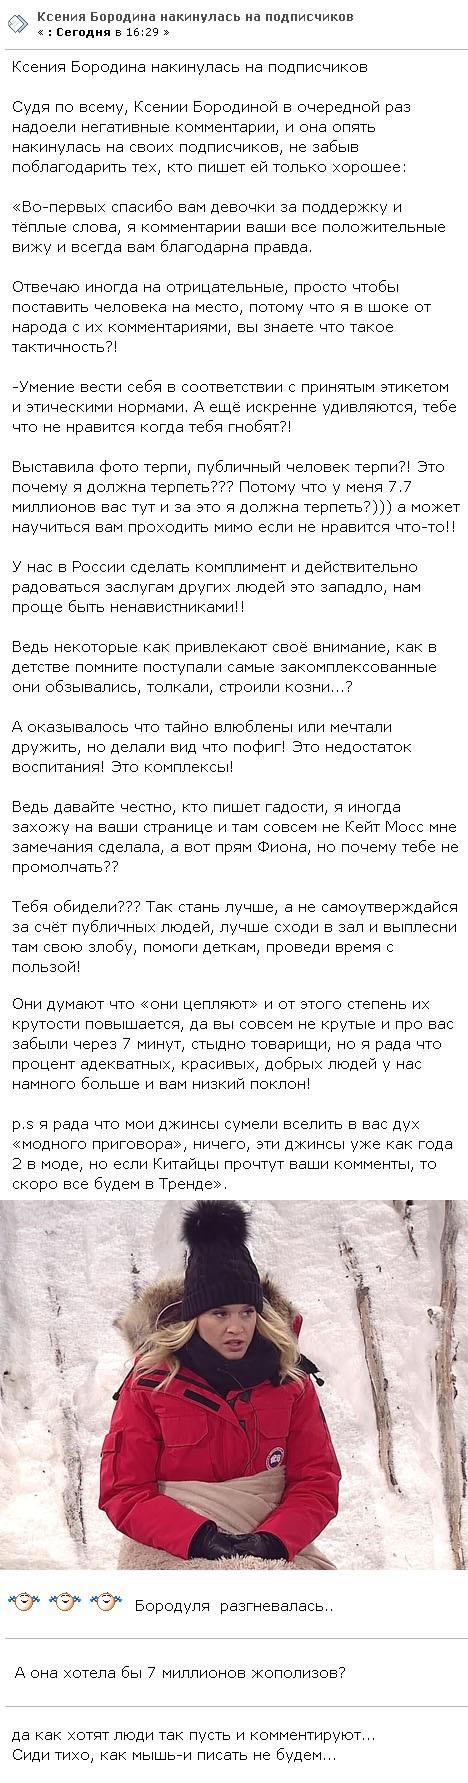 Терпение Ксении Бородиной наконец-то лопнуло